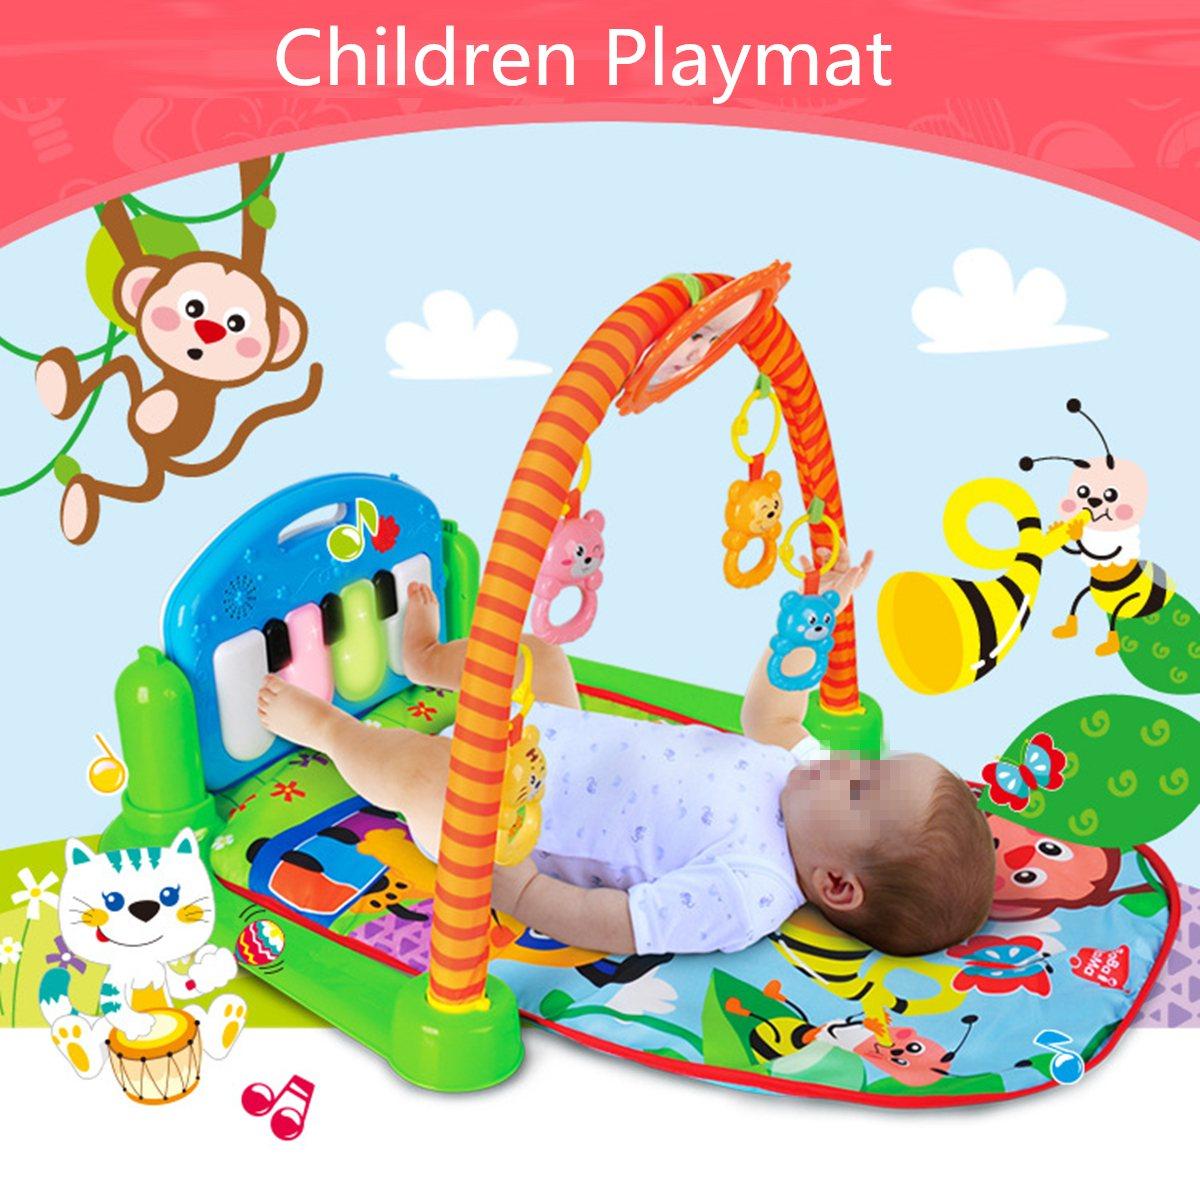 3 dans 1 Rainforest Musicale Lullaby Bébé Activité de Jeu Gym Jouet Doux Tapis de Jeu Bébé Infantile Remise En Forme Tapis Éducatifs Rack jouets